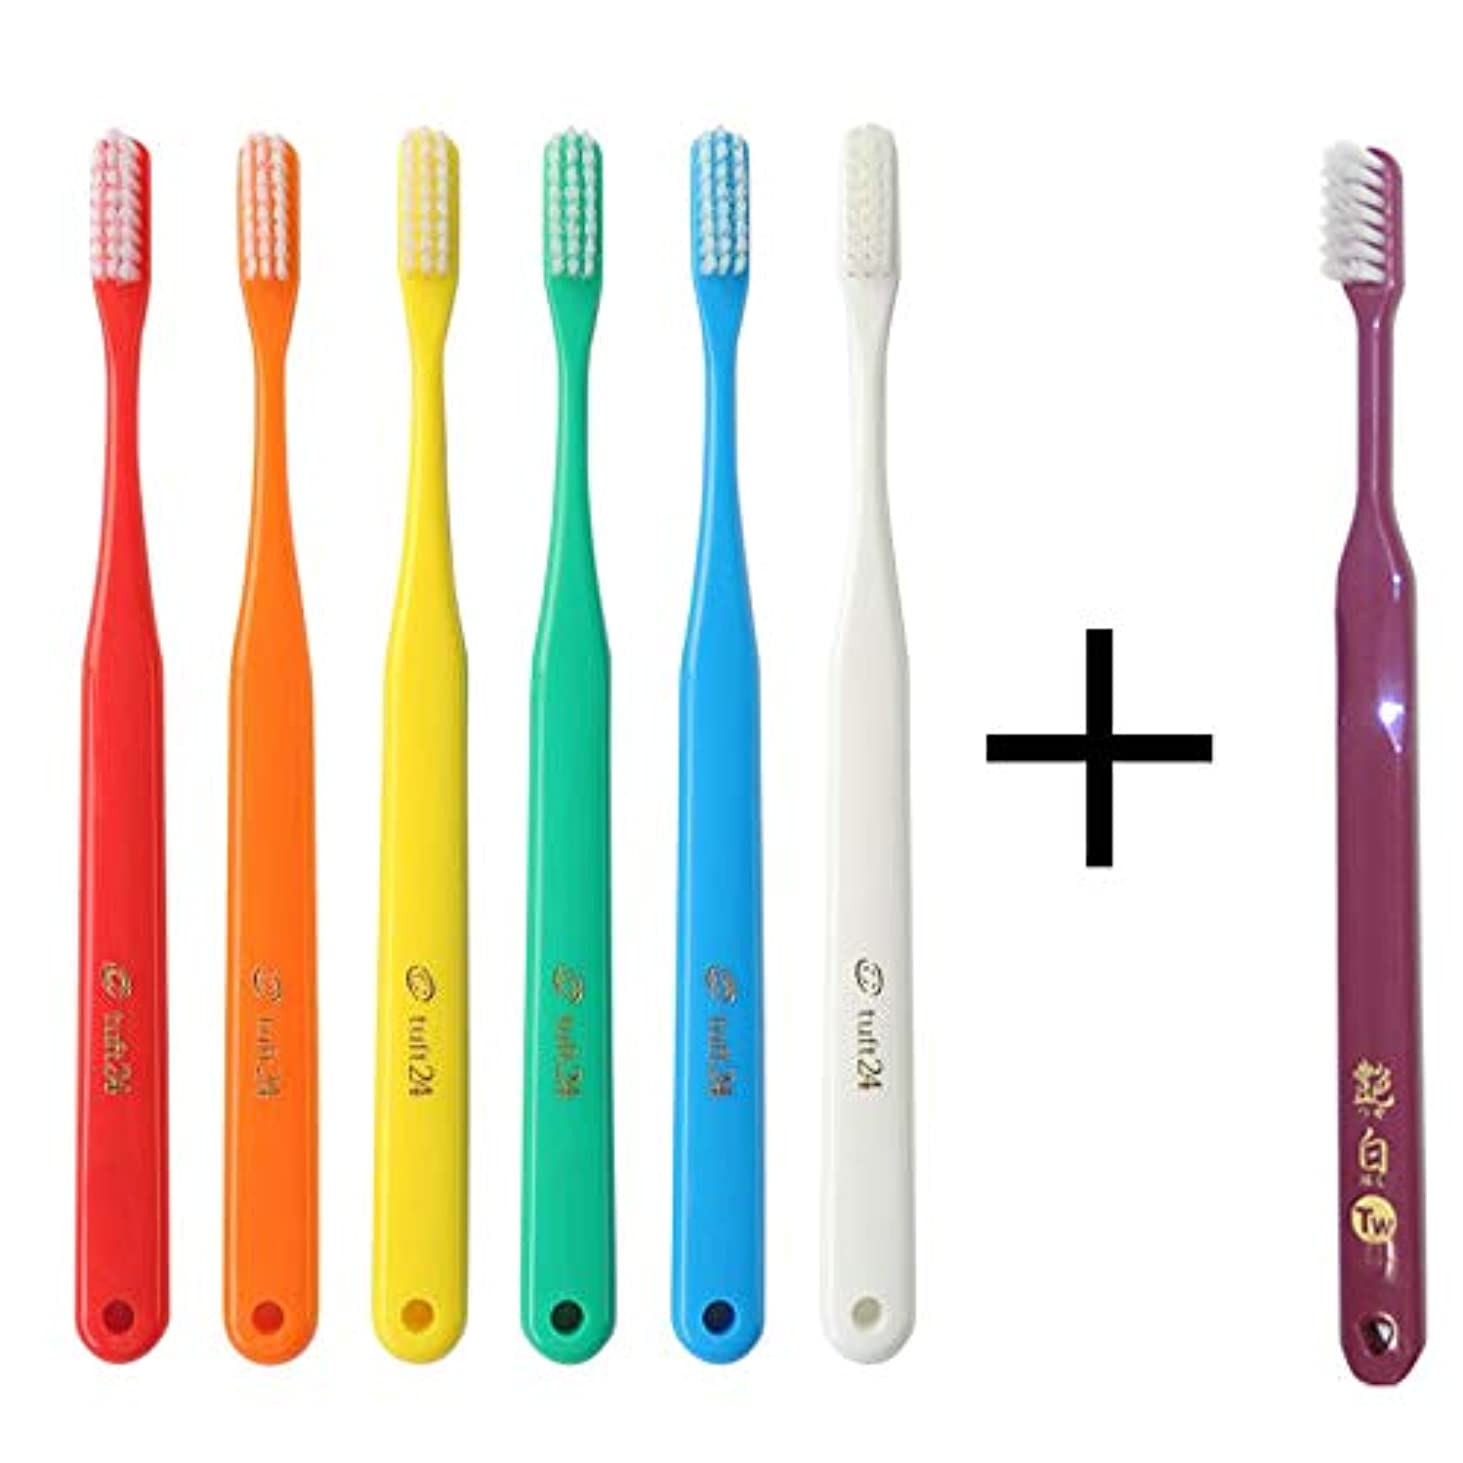 ライセンス概要ワイドキャップなし タフト24 歯ブラシ × 25本入 M (アソート) + 艶白 ハブラシ (日本製) ×1本 MS(やややわらかめ) 大人用歯ブラシ 歯科医院取扱品